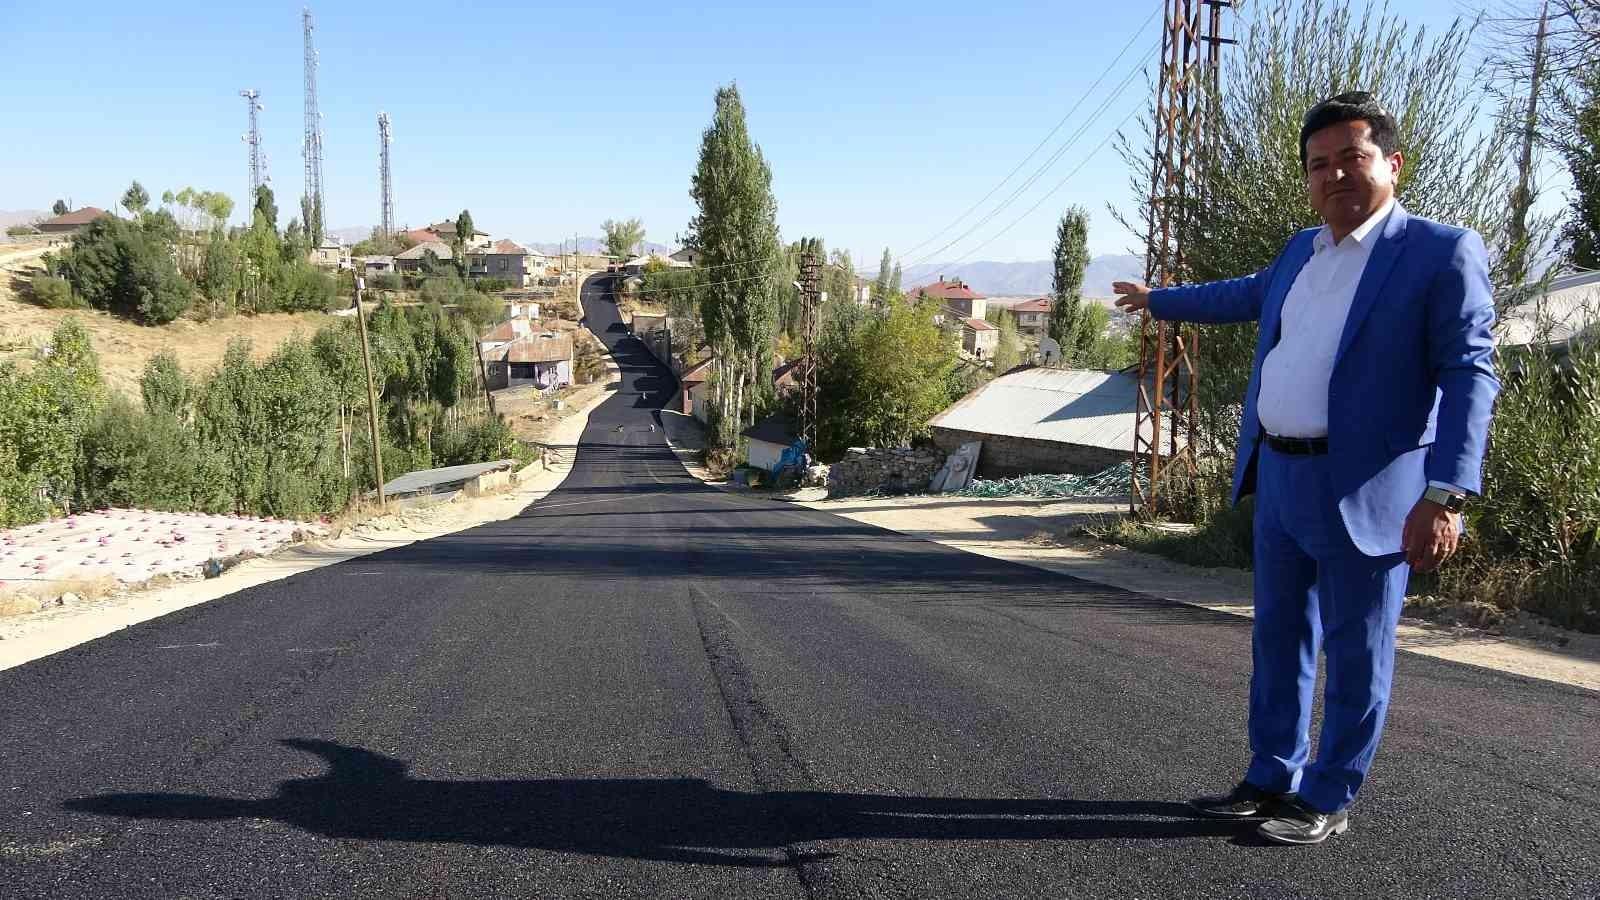 Mahalle halkının sıcak asfalt sevinci #hakkari